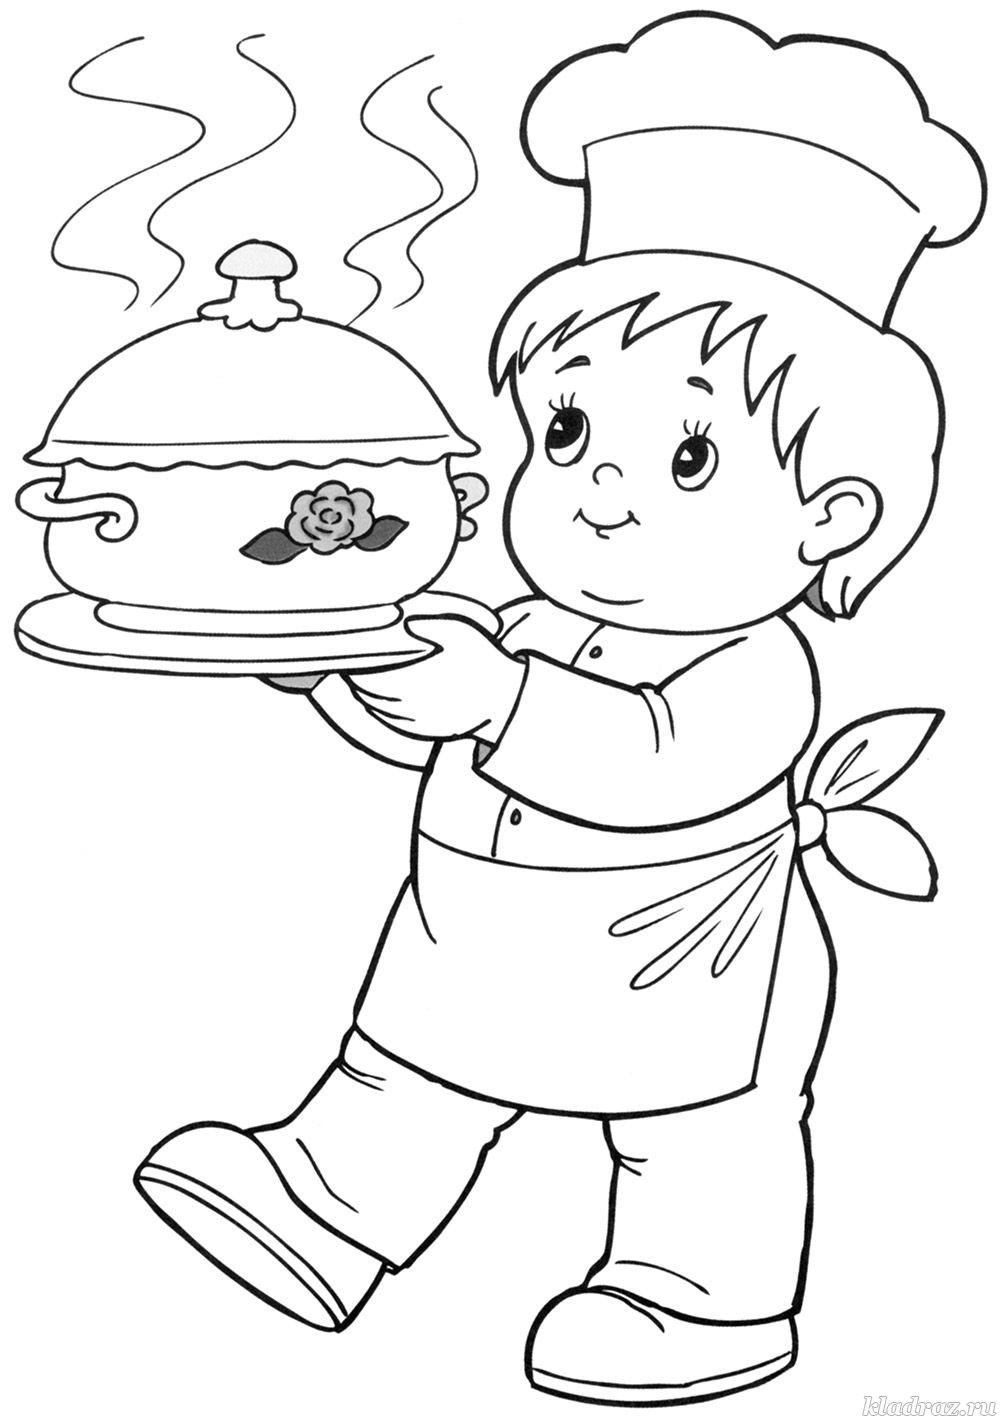 Раскраска для детей 5-7 лет. Профессия повар